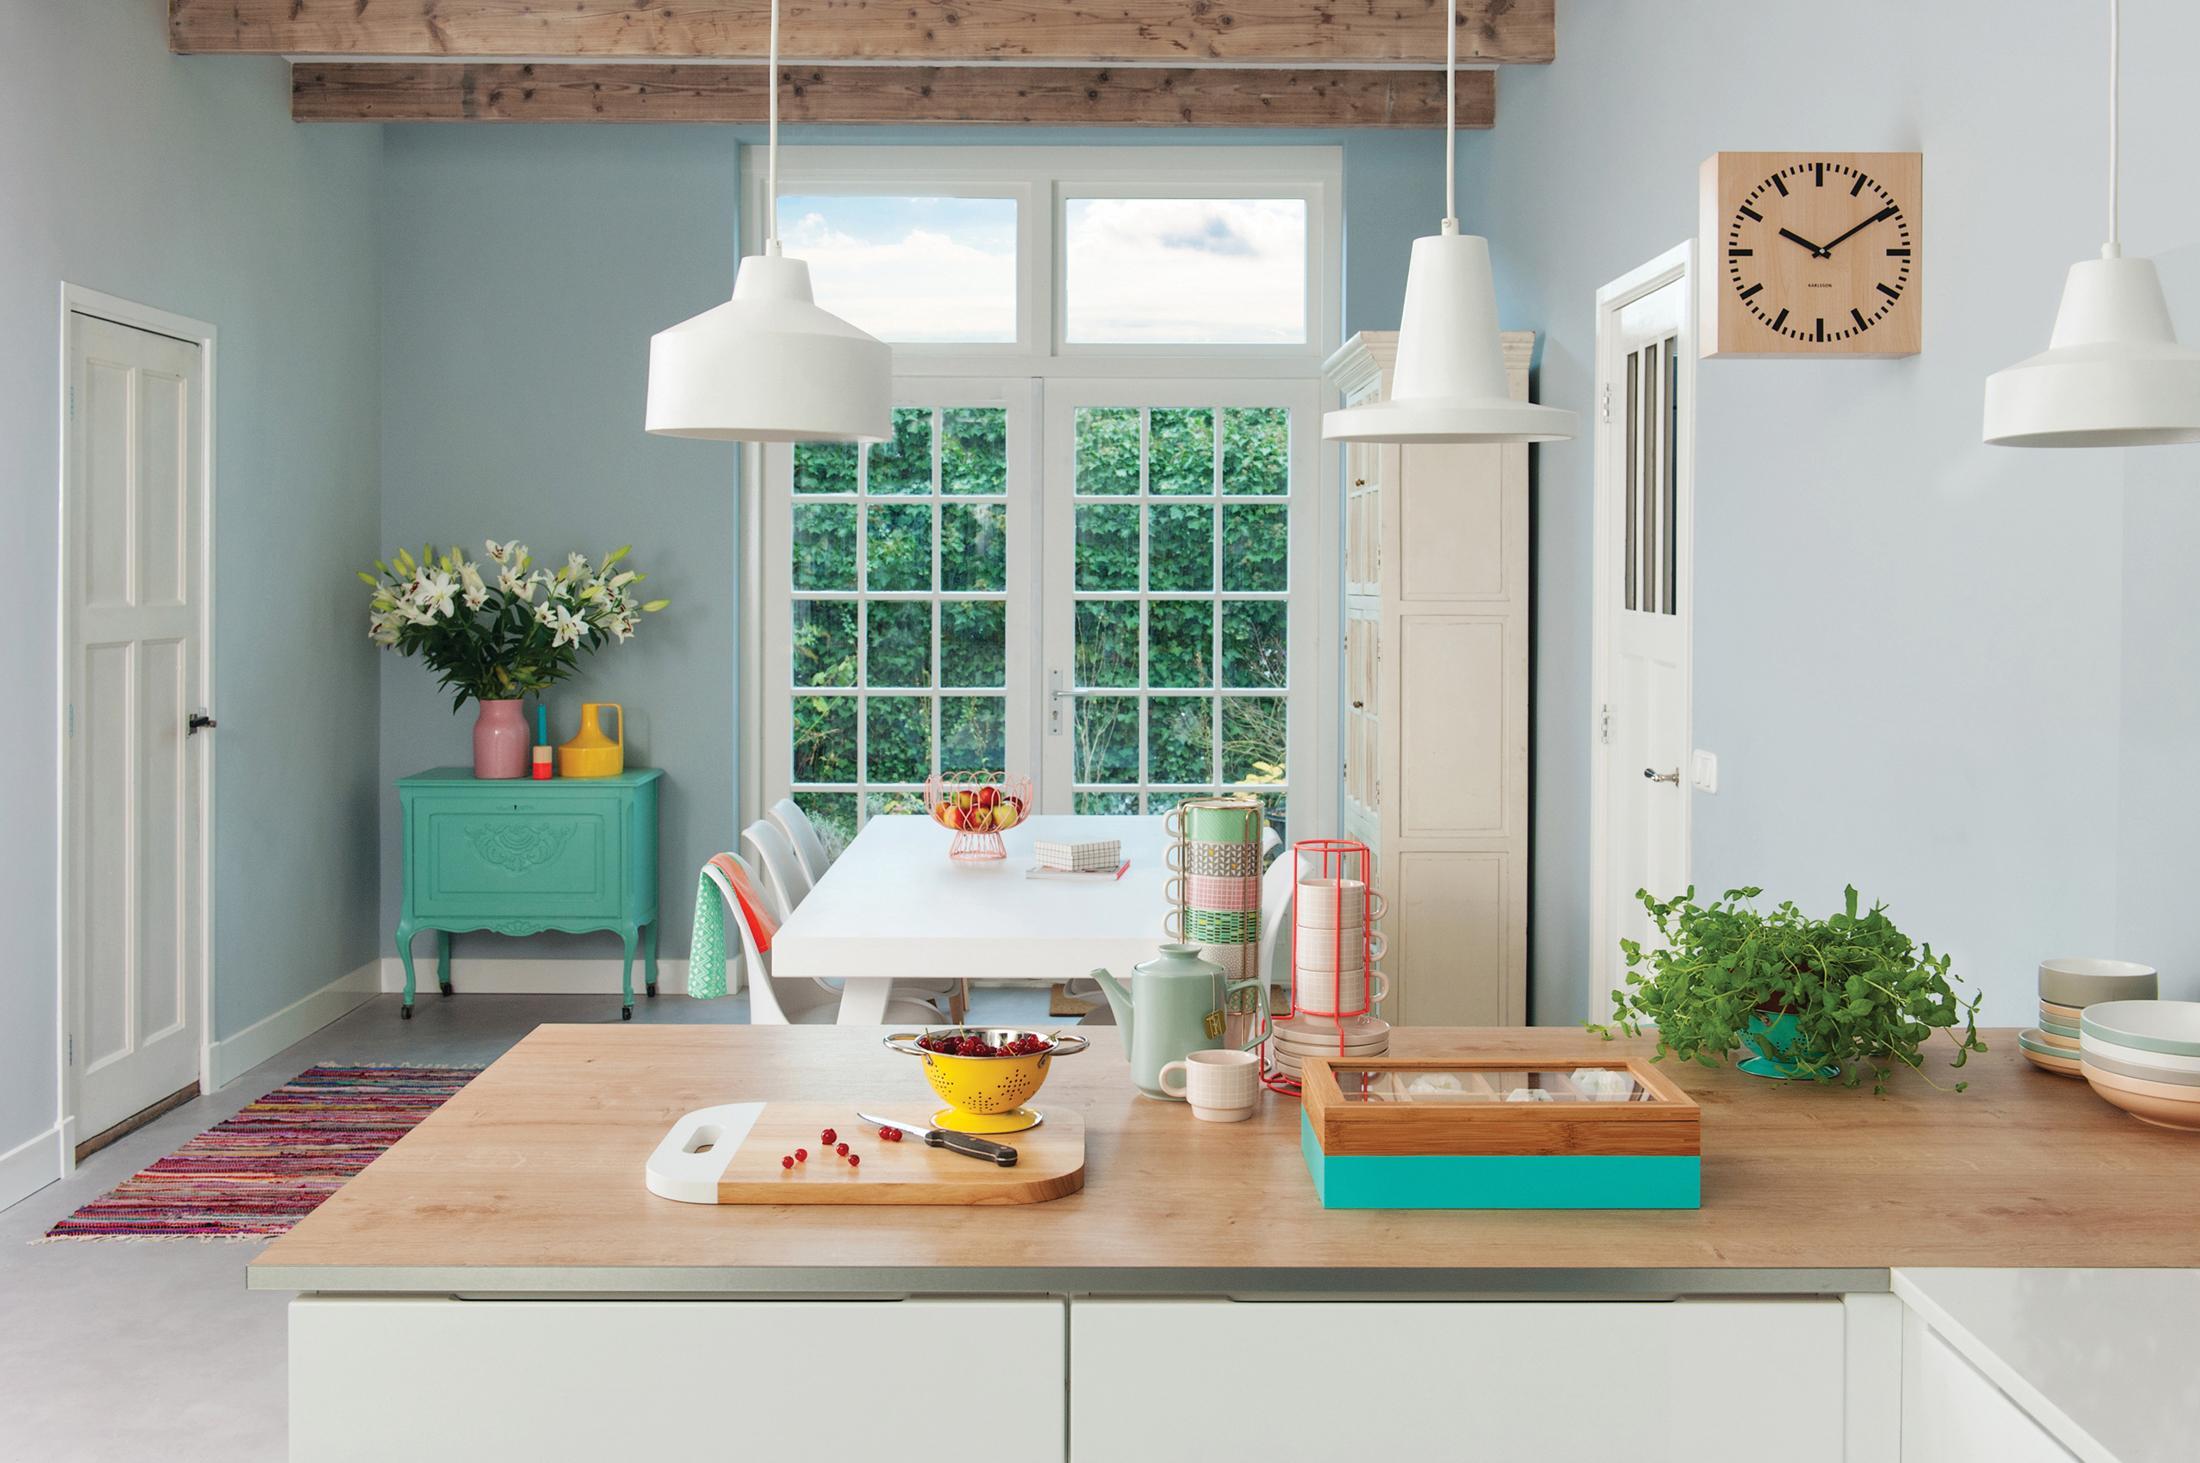 Full Size of Wandfarbe Küche Farbe In Der Kche So Wirds Wohnlich Wellmann Deckenlampe Magnettafel Ikea Miniküche Abfalleimer Was Kostet Eine Neue Hängeregal Modulare Wohnzimmer Wandfarbe Küche